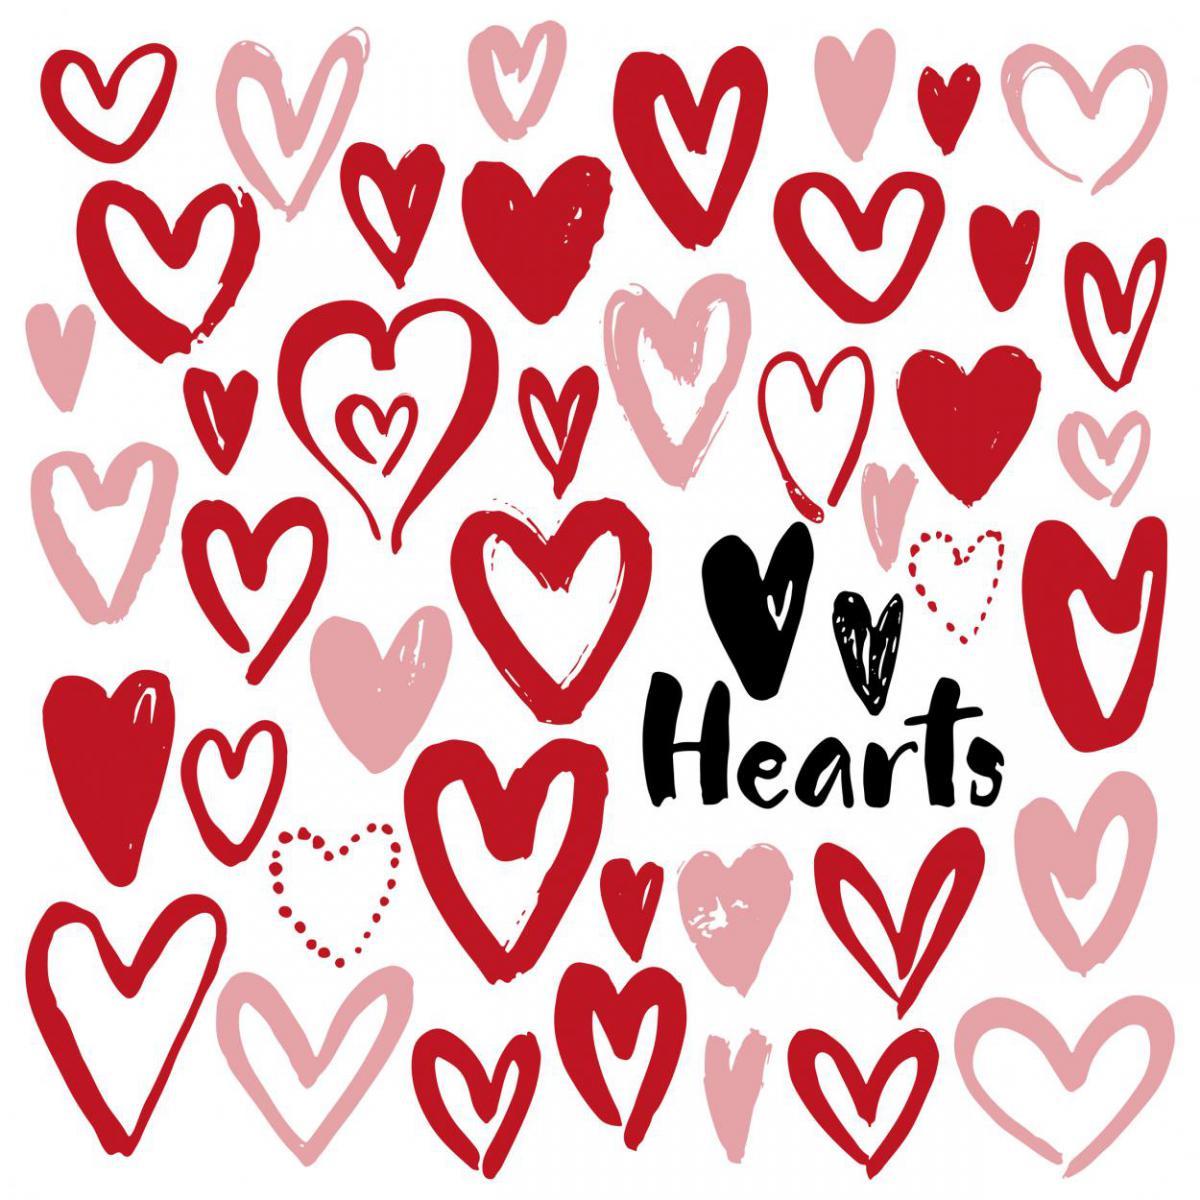 Herzen, hearts, Lettering, Liebe, mit Liebe, von Herzen